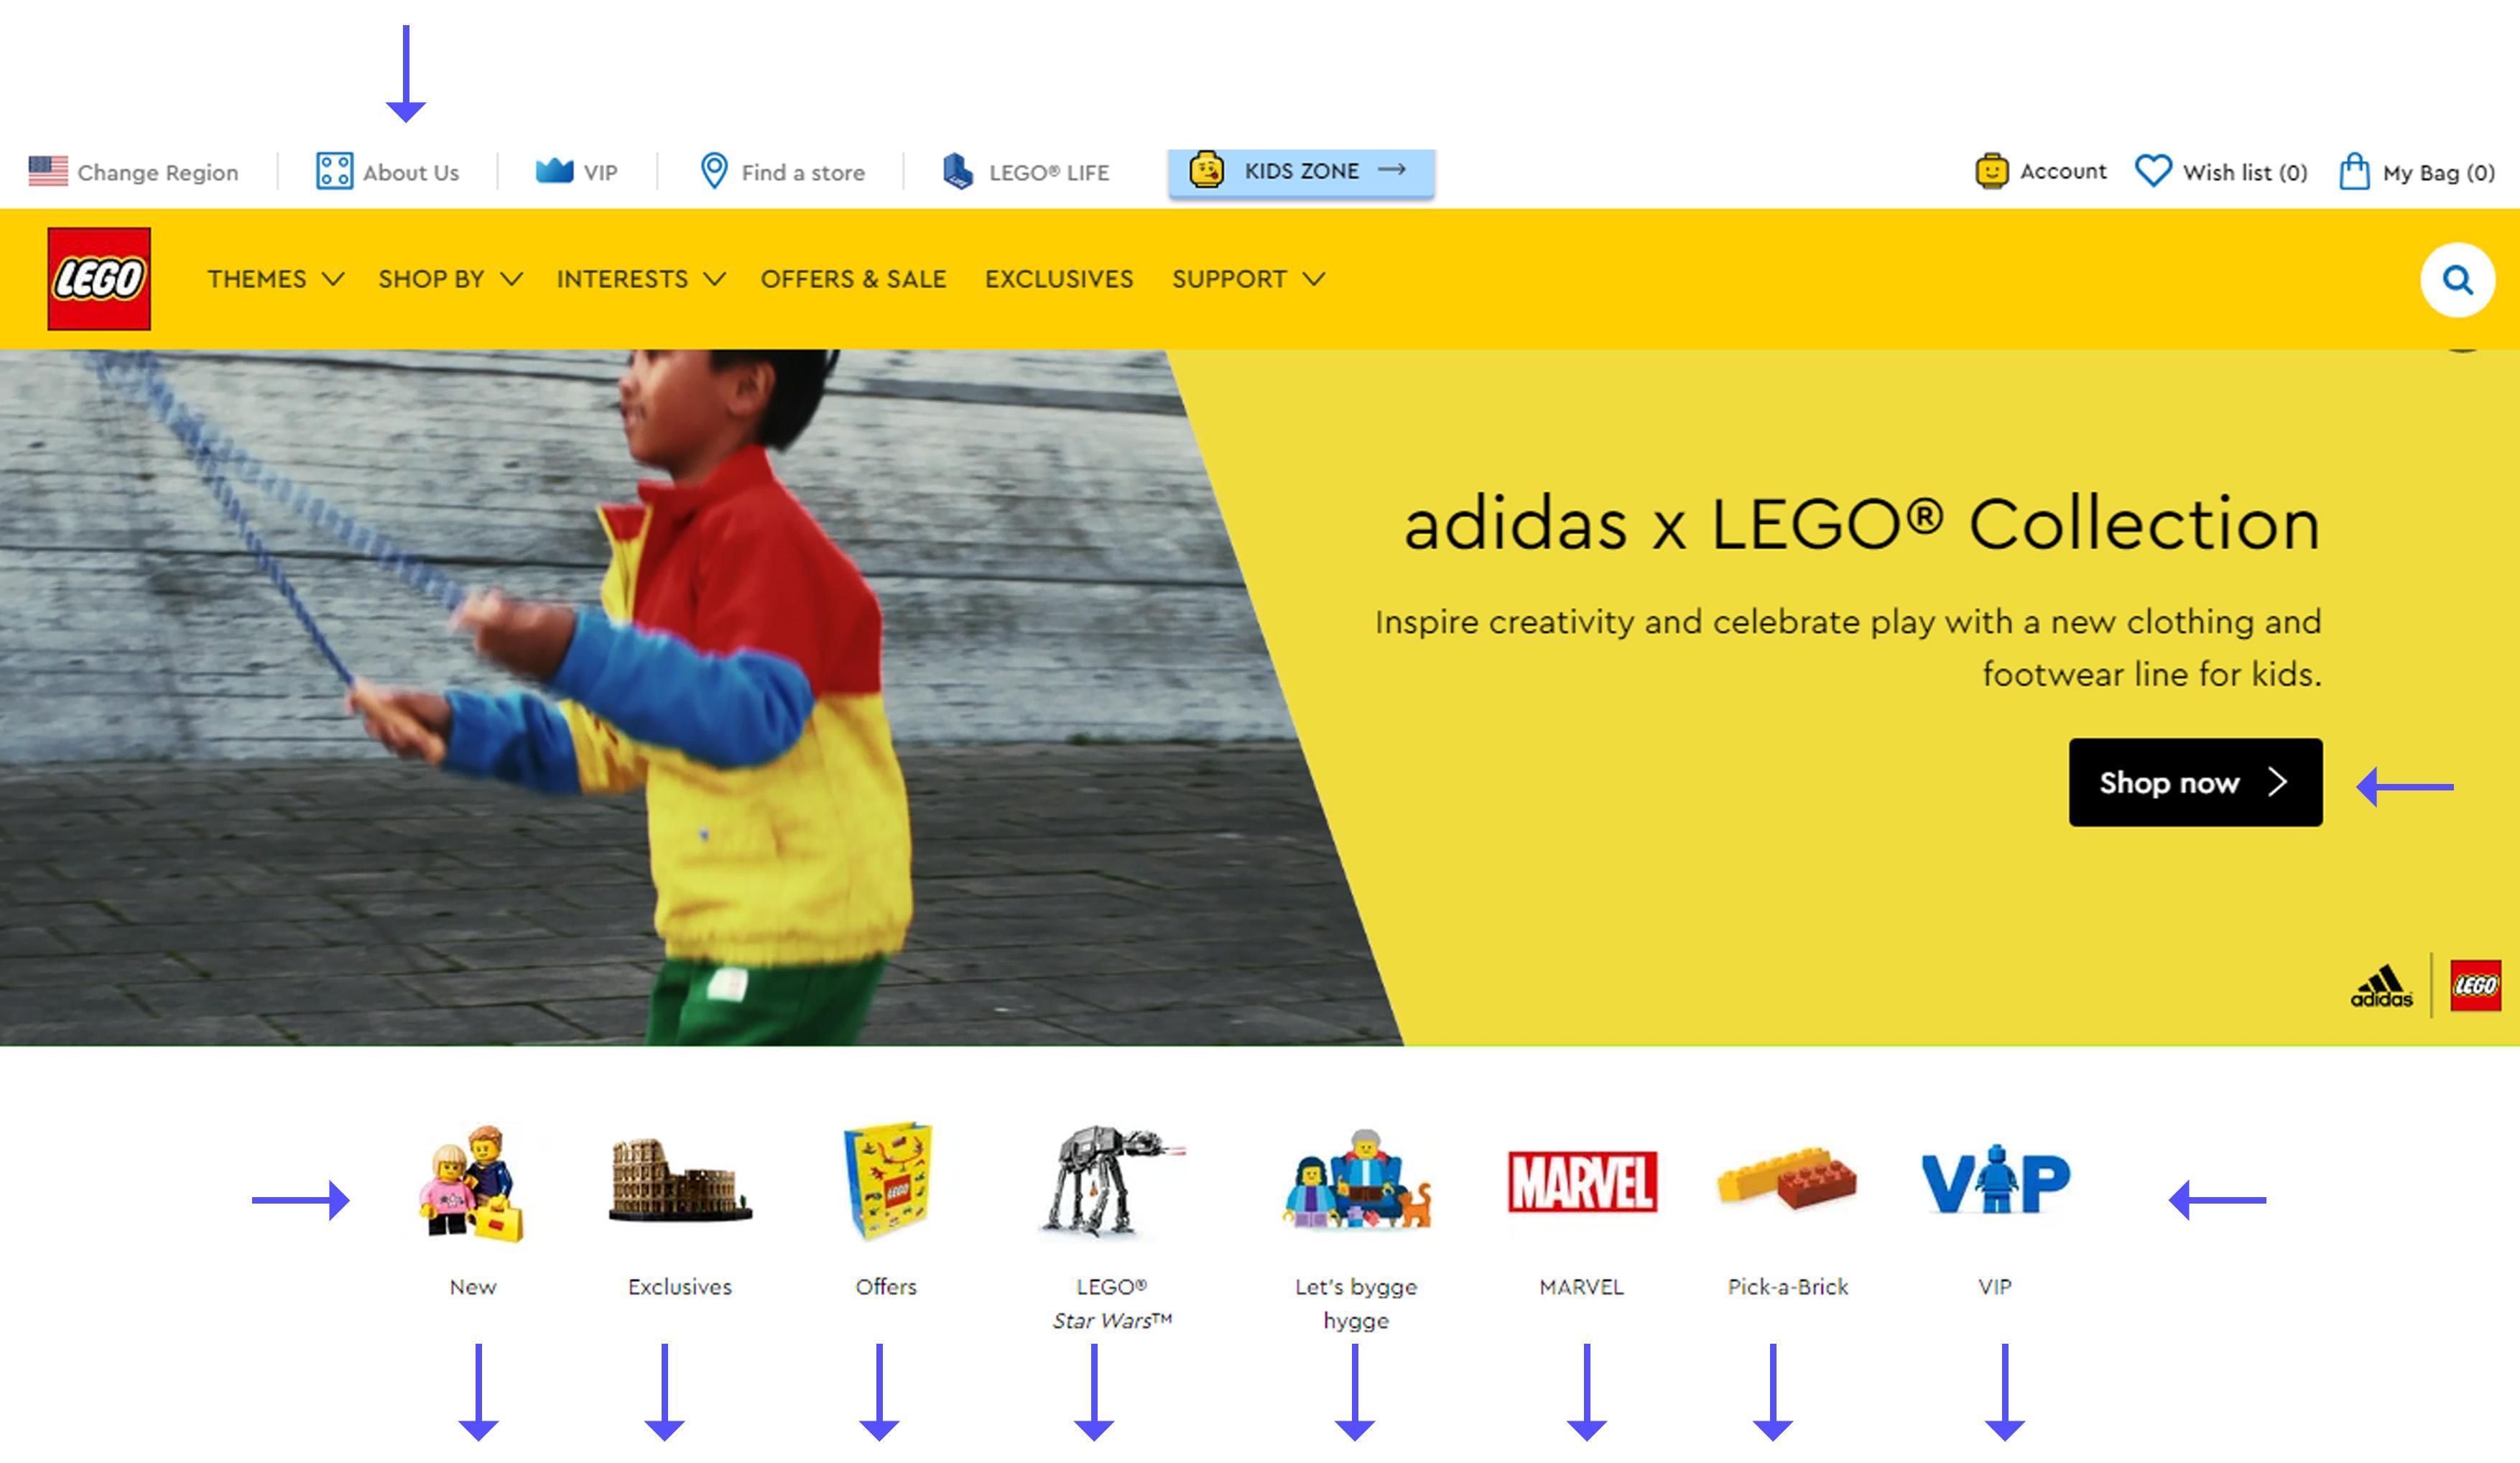 struktura razumljiva korisniku LEGO